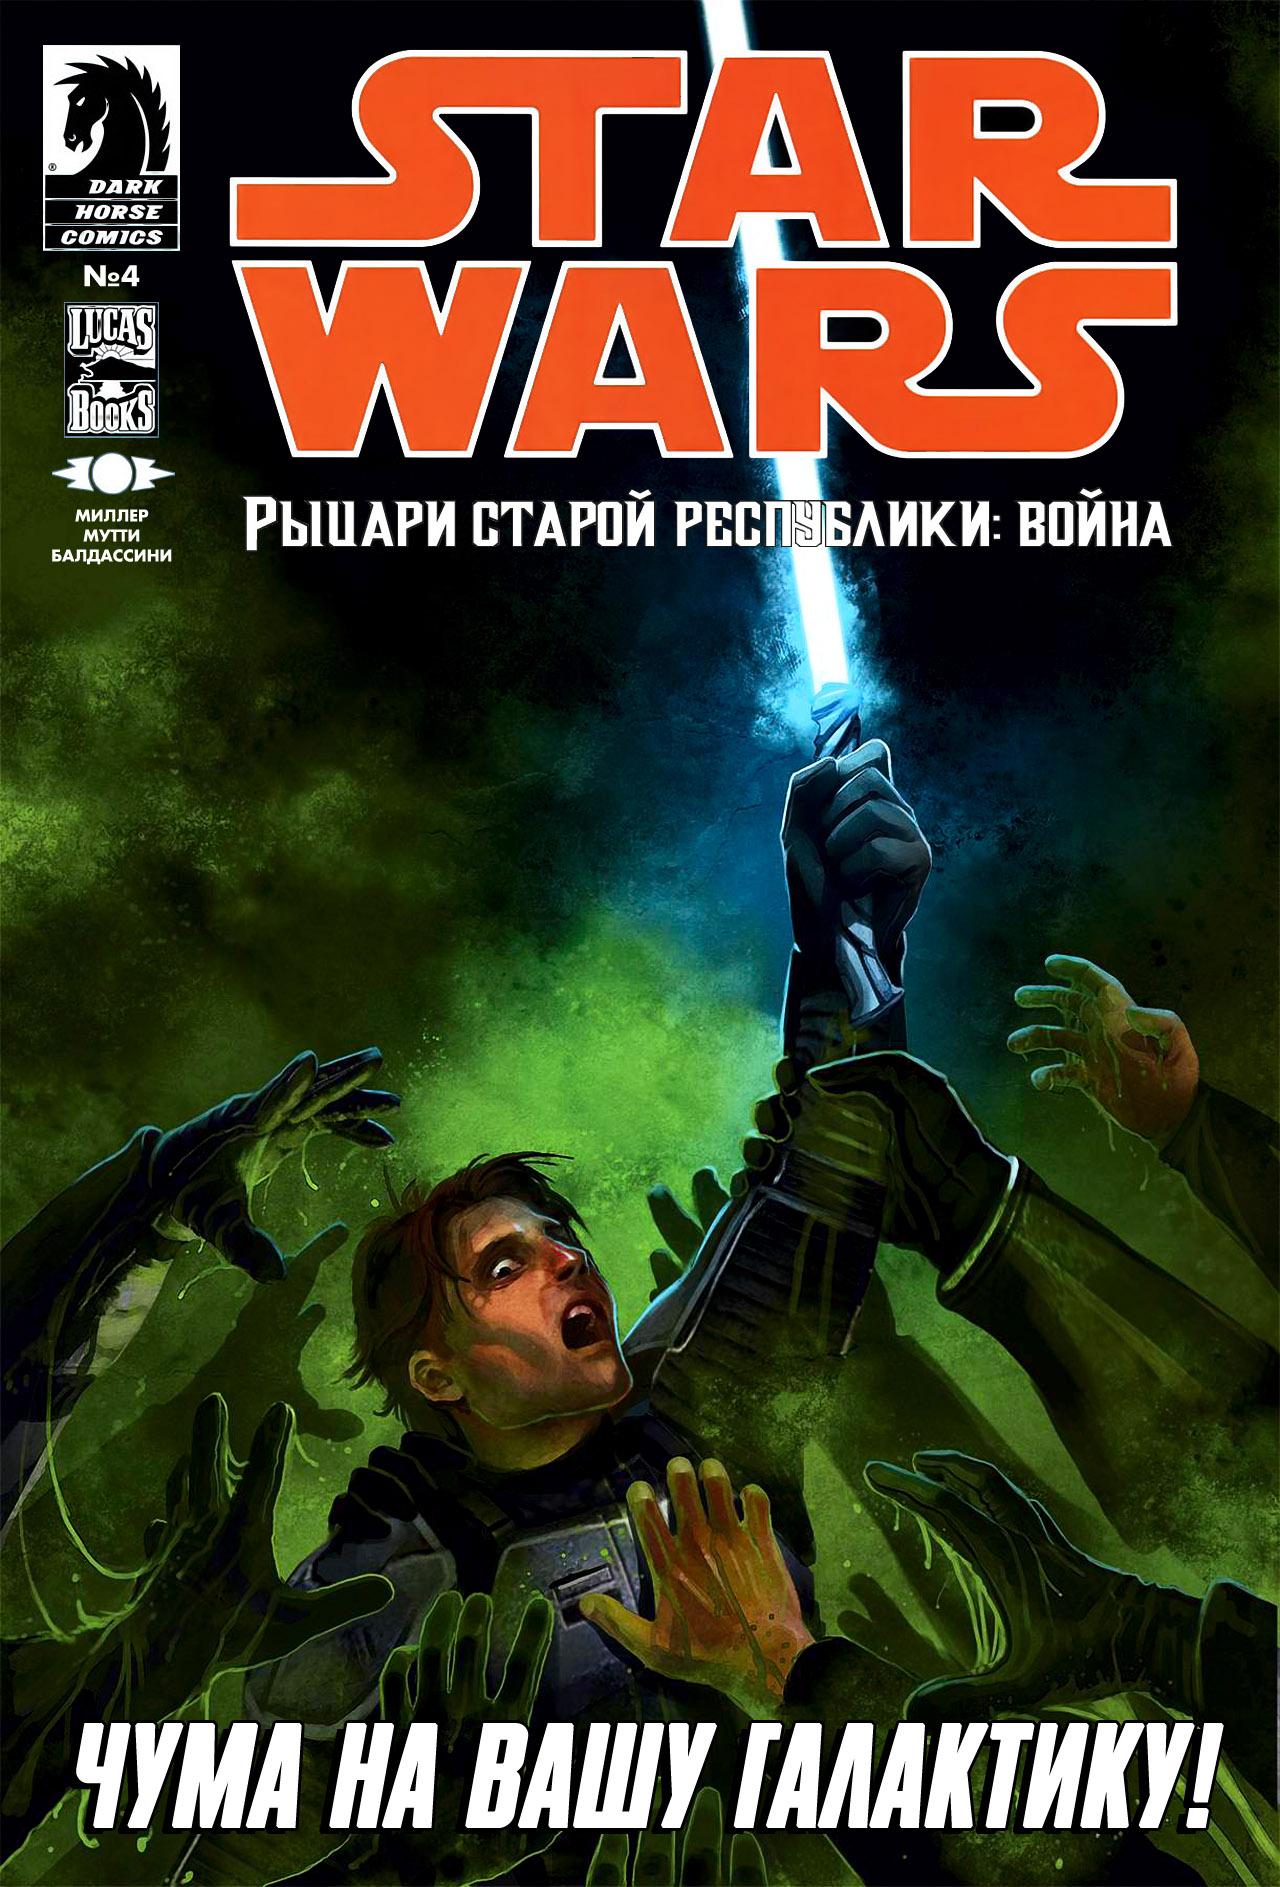 Звёздные войны. Рыцари Старой Республики: Война, часть 4